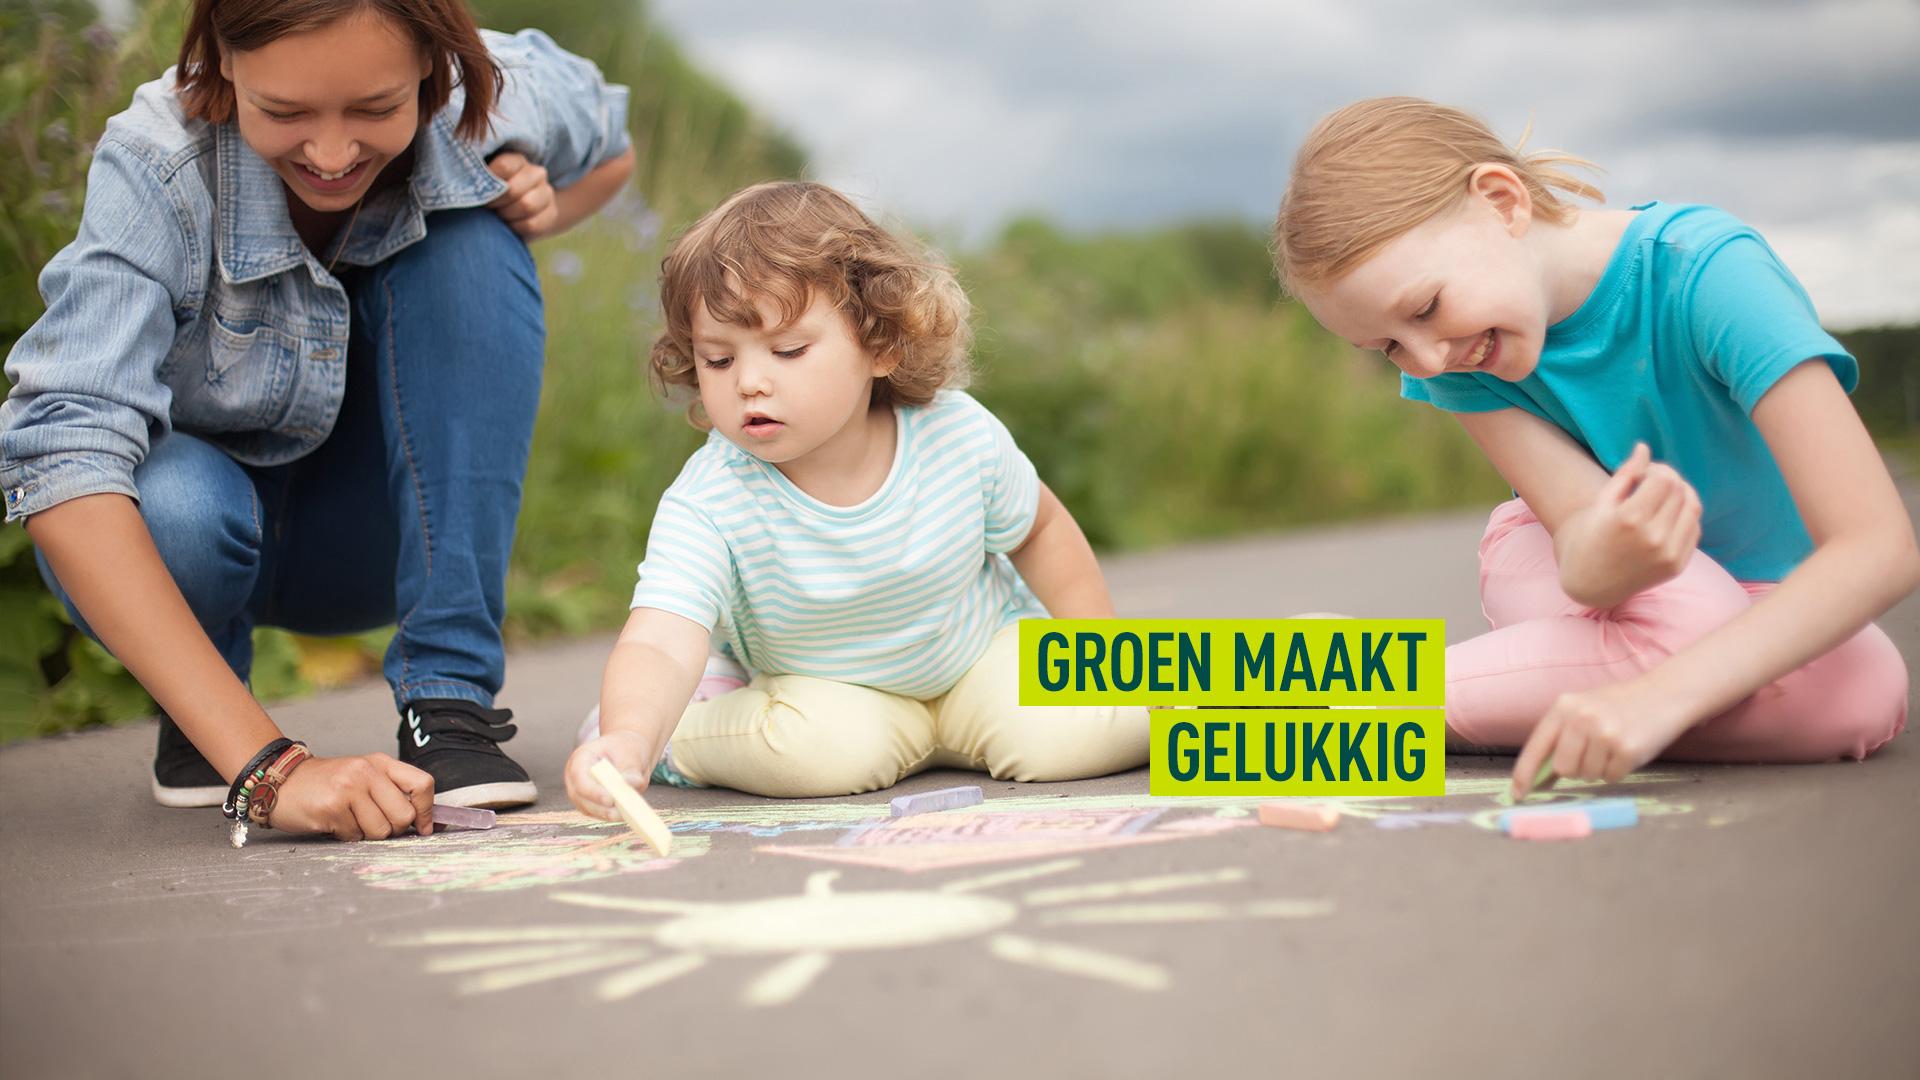 Groen maakt geluk inzet van verkiezingen groen